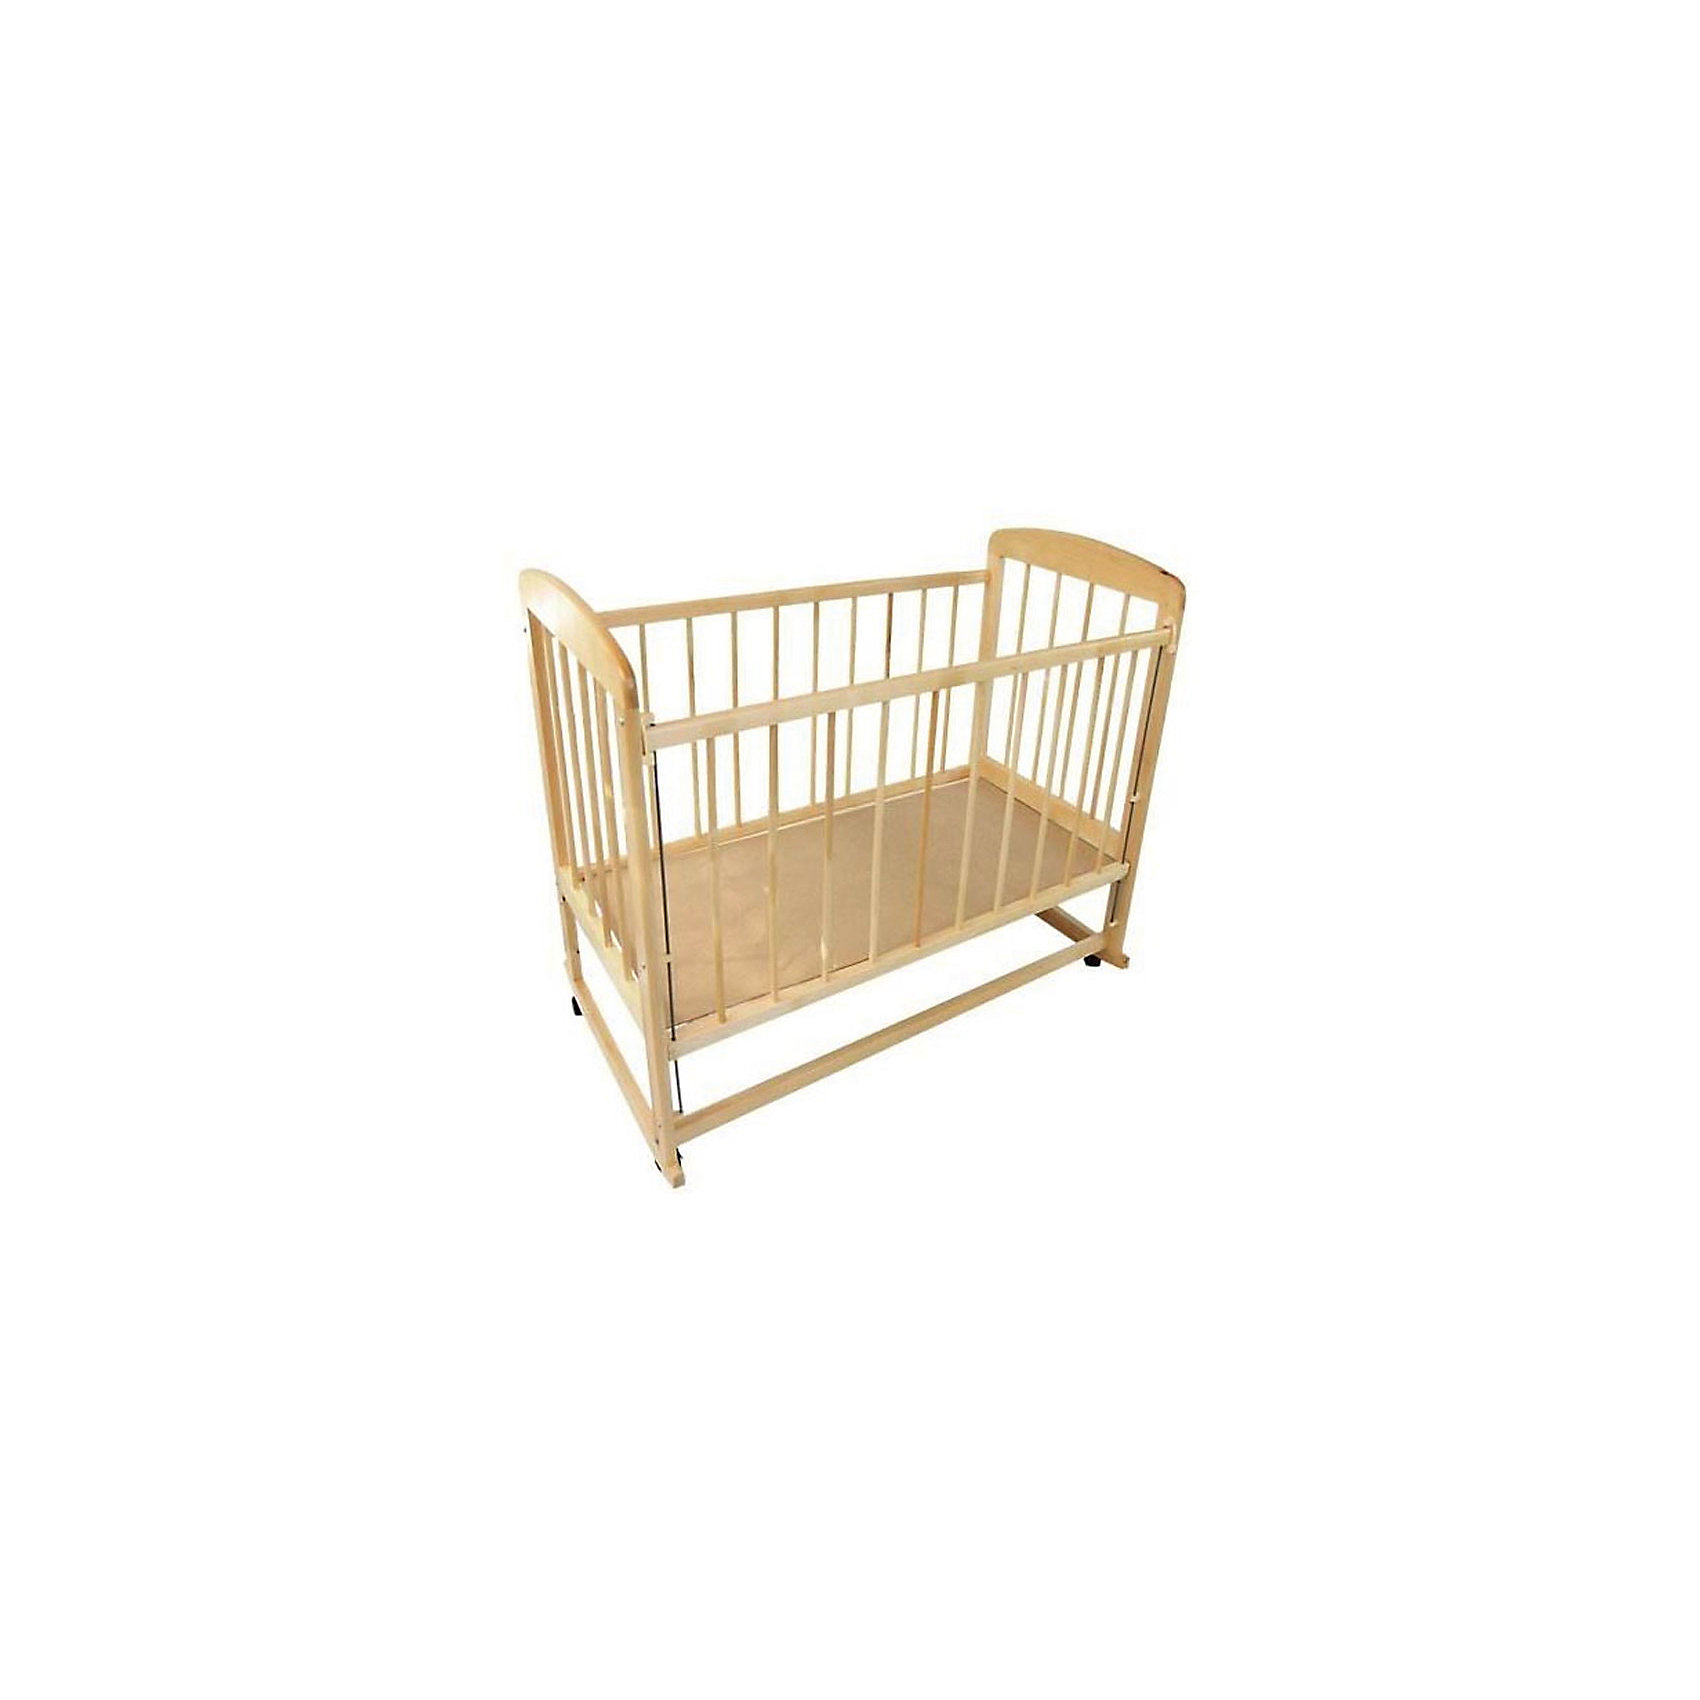 - Кроватка-качалка Мишутка 12, светлая обычная кроватка уренская мебельная фабрика мишутка 13 темная